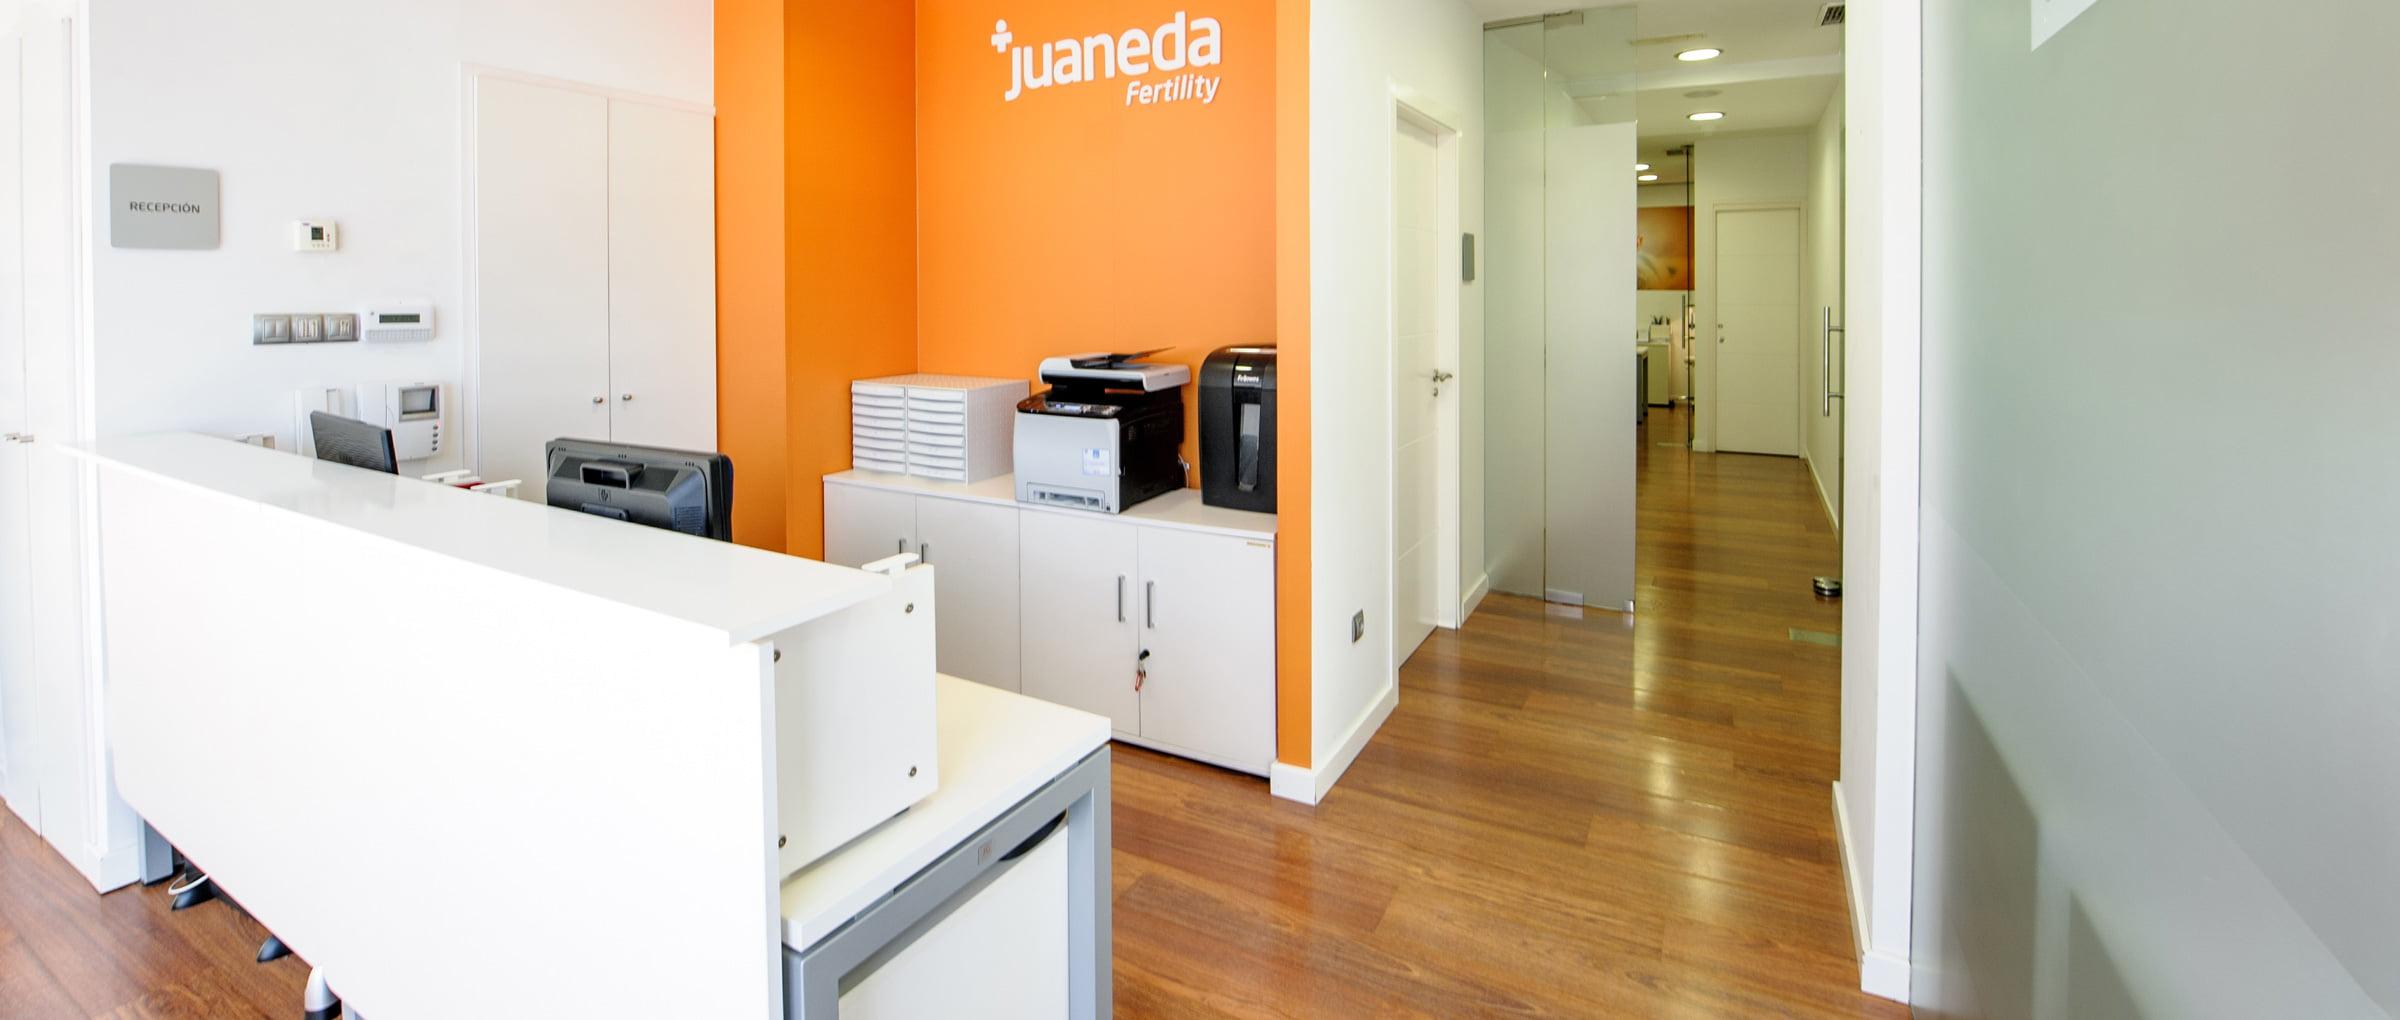 Recepción de Juaneda